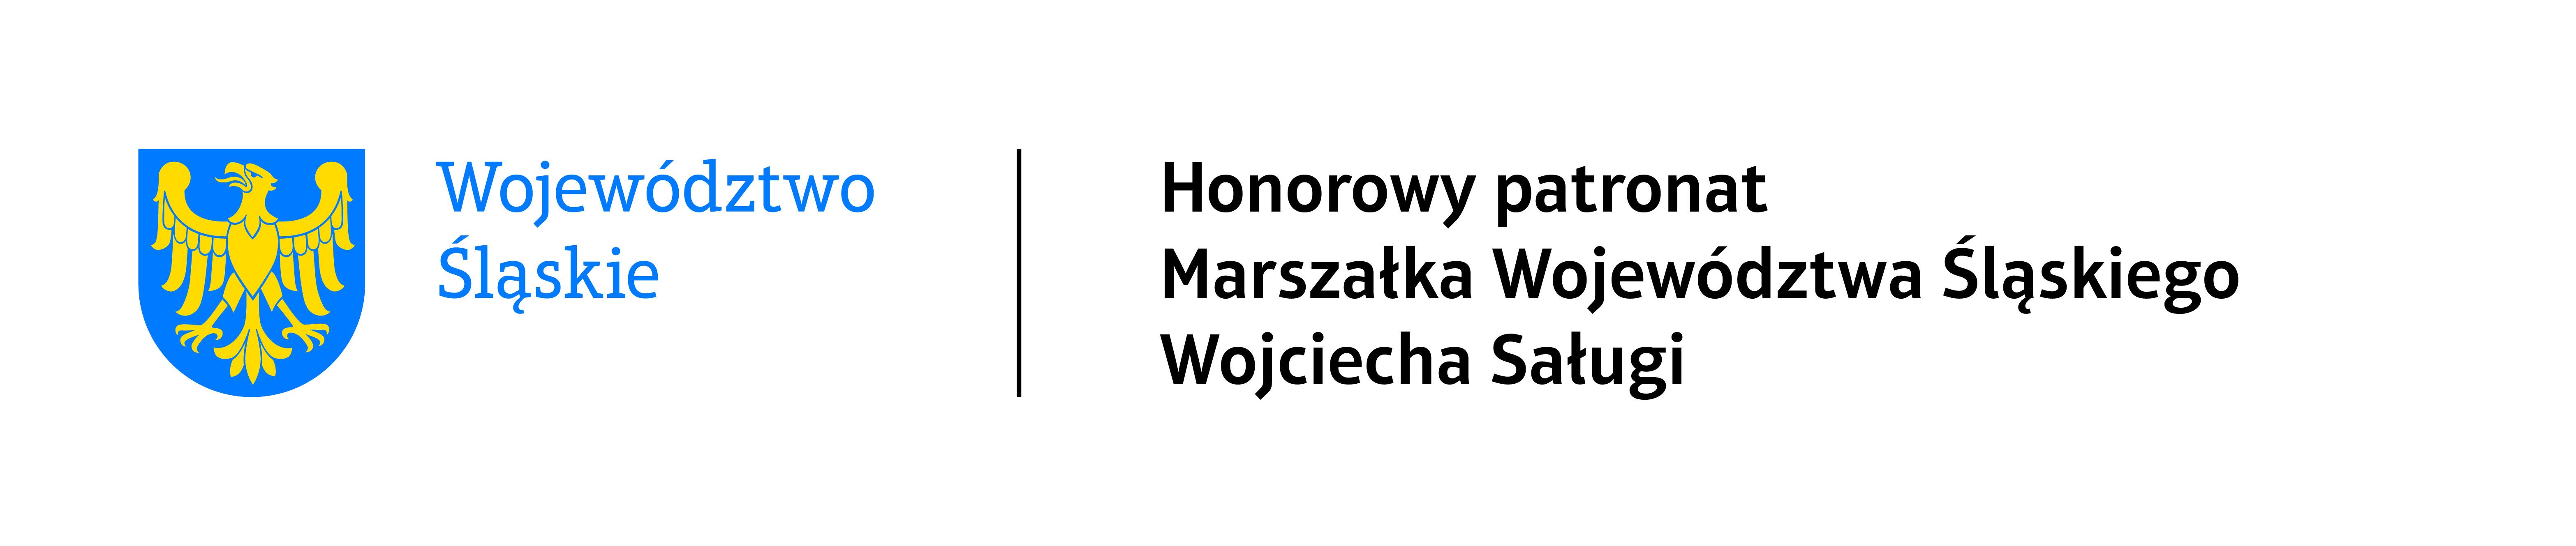 Patronat Honorowy Marszałka WS